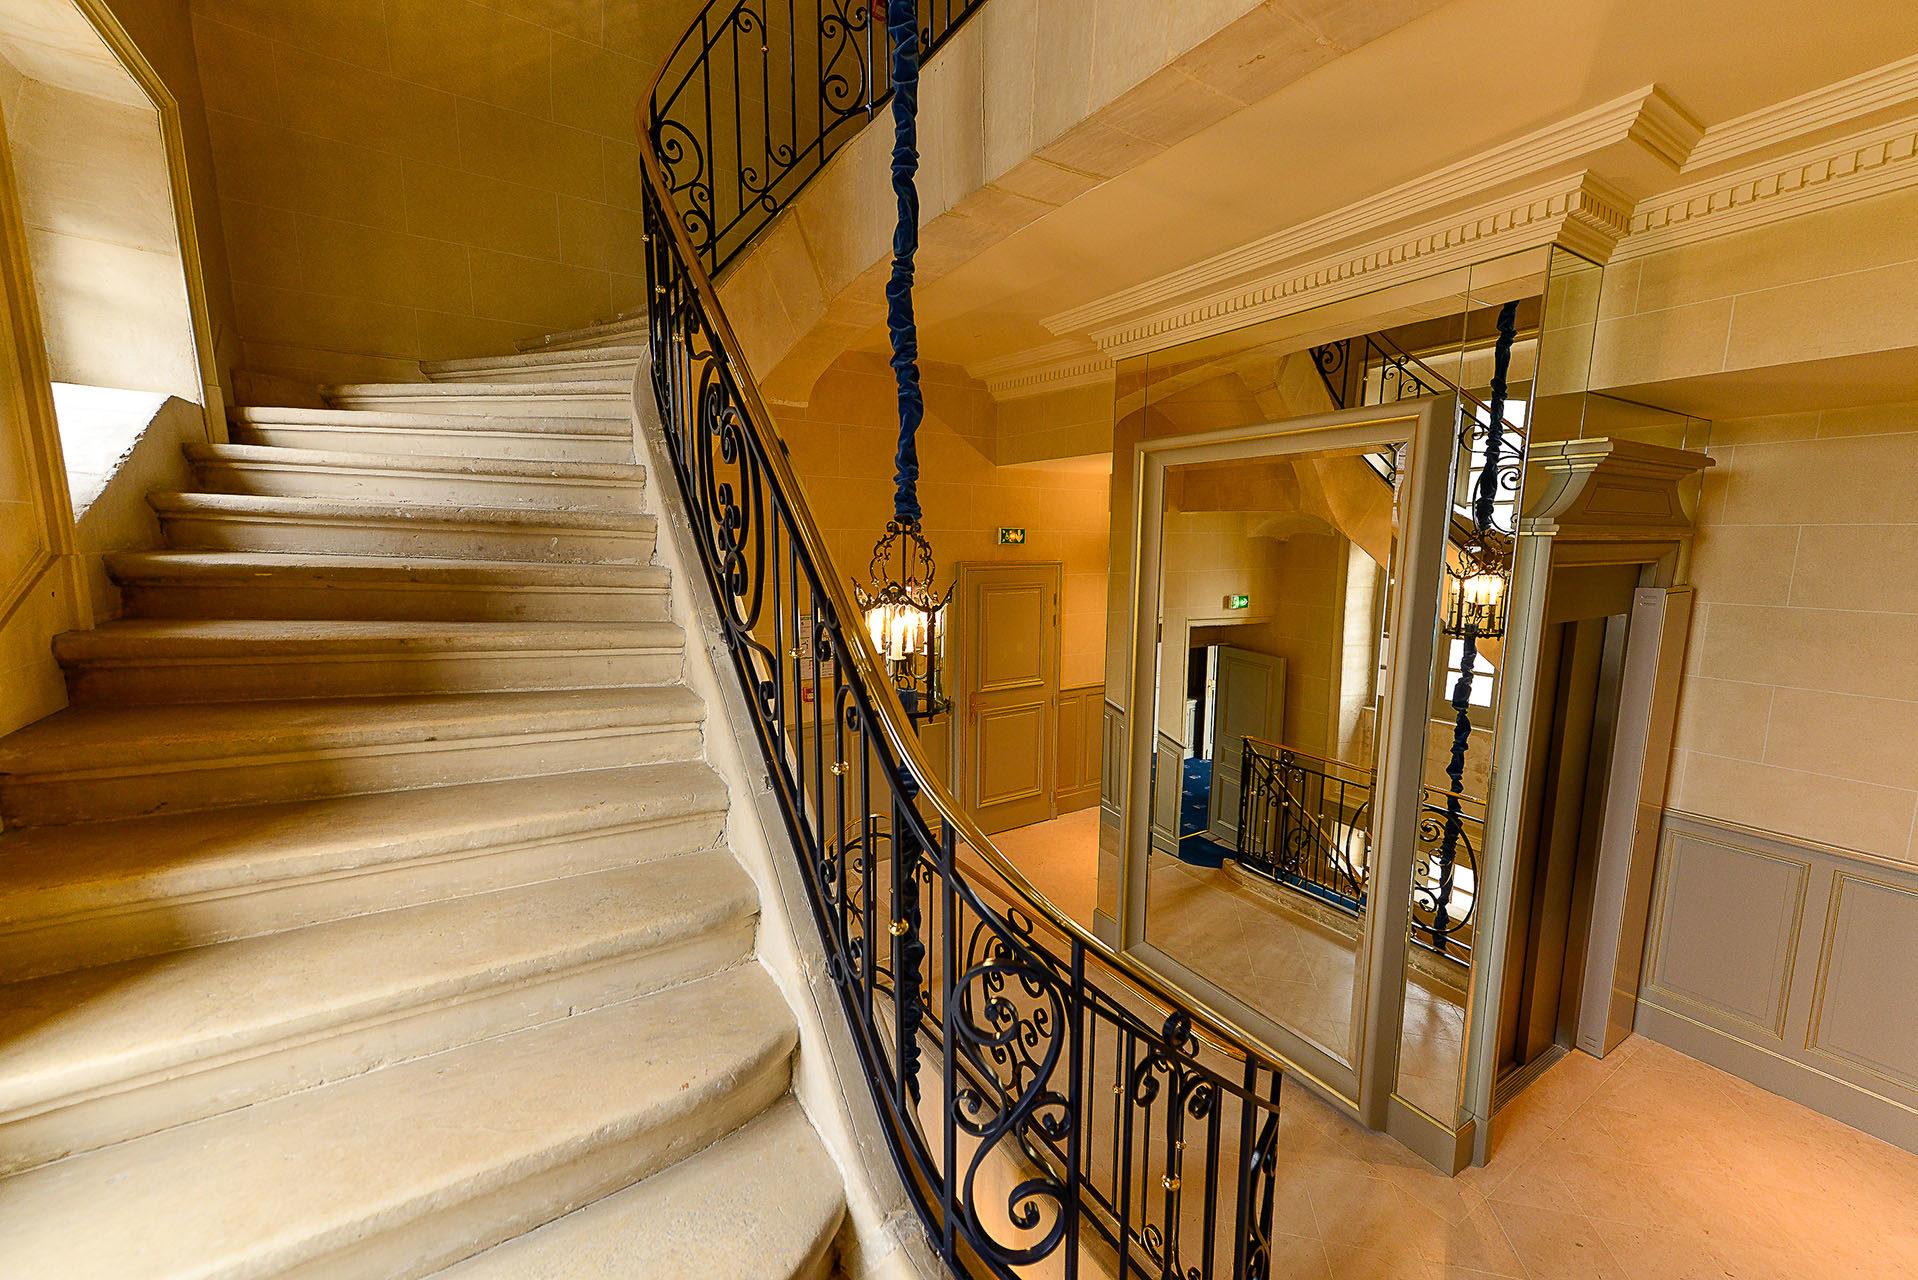 photographe-ile-de-france-corporate-hotellerie-chateau-d-audrieu-normandie